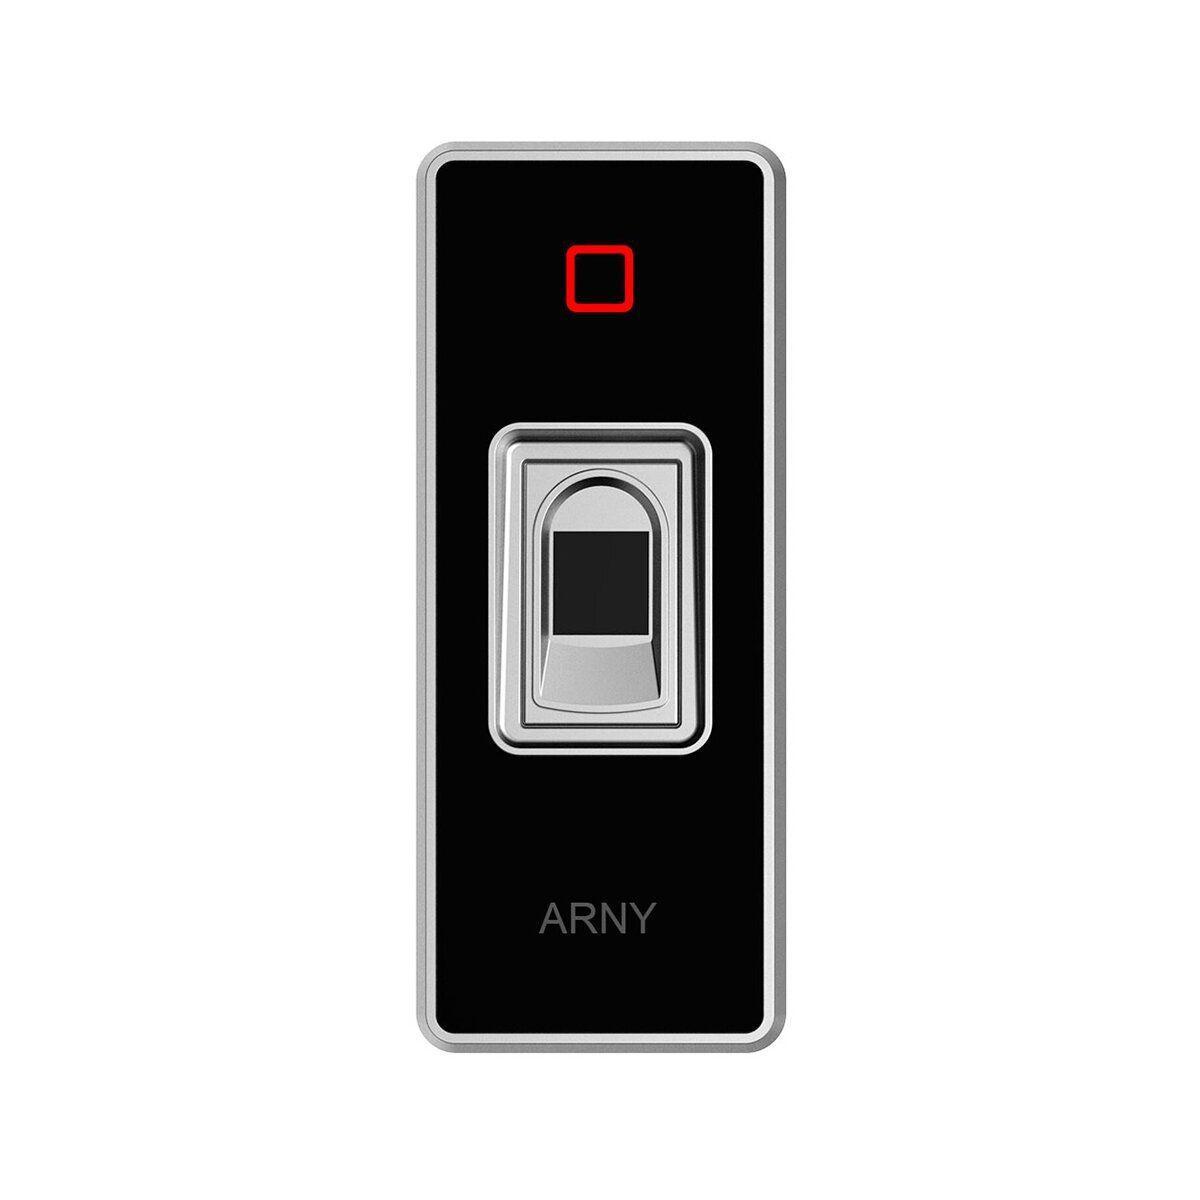 Біометричний контроллер ARNY AFP-260 EM